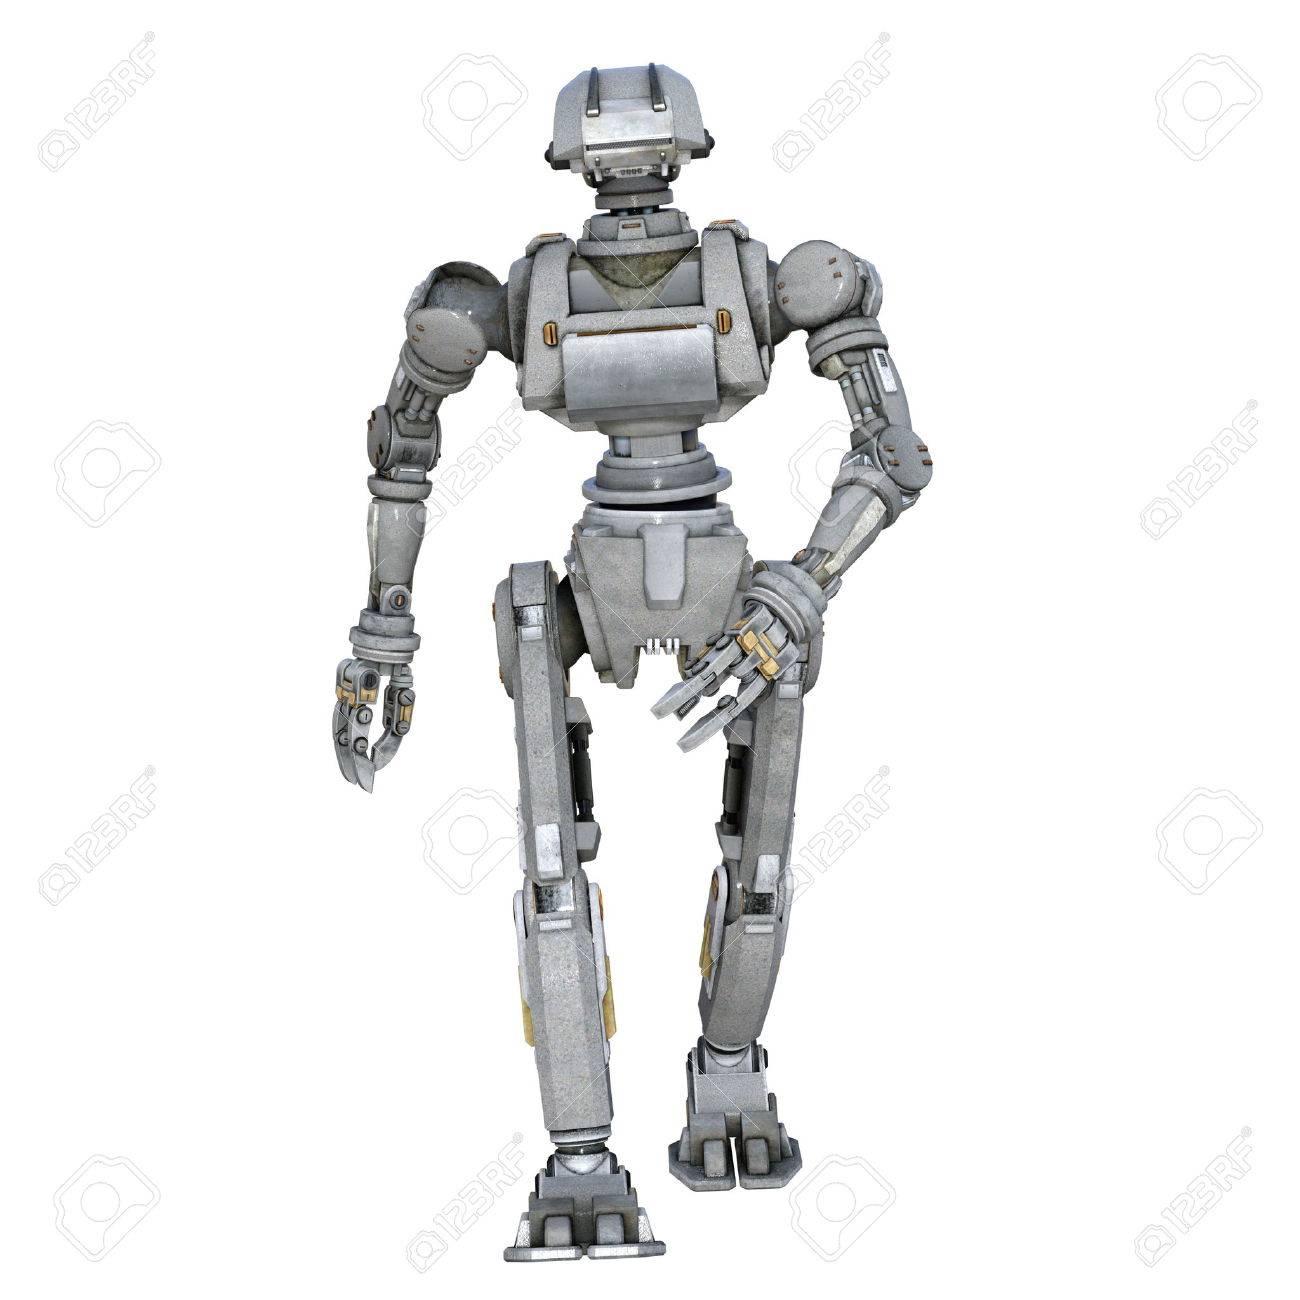 robot - 40519587